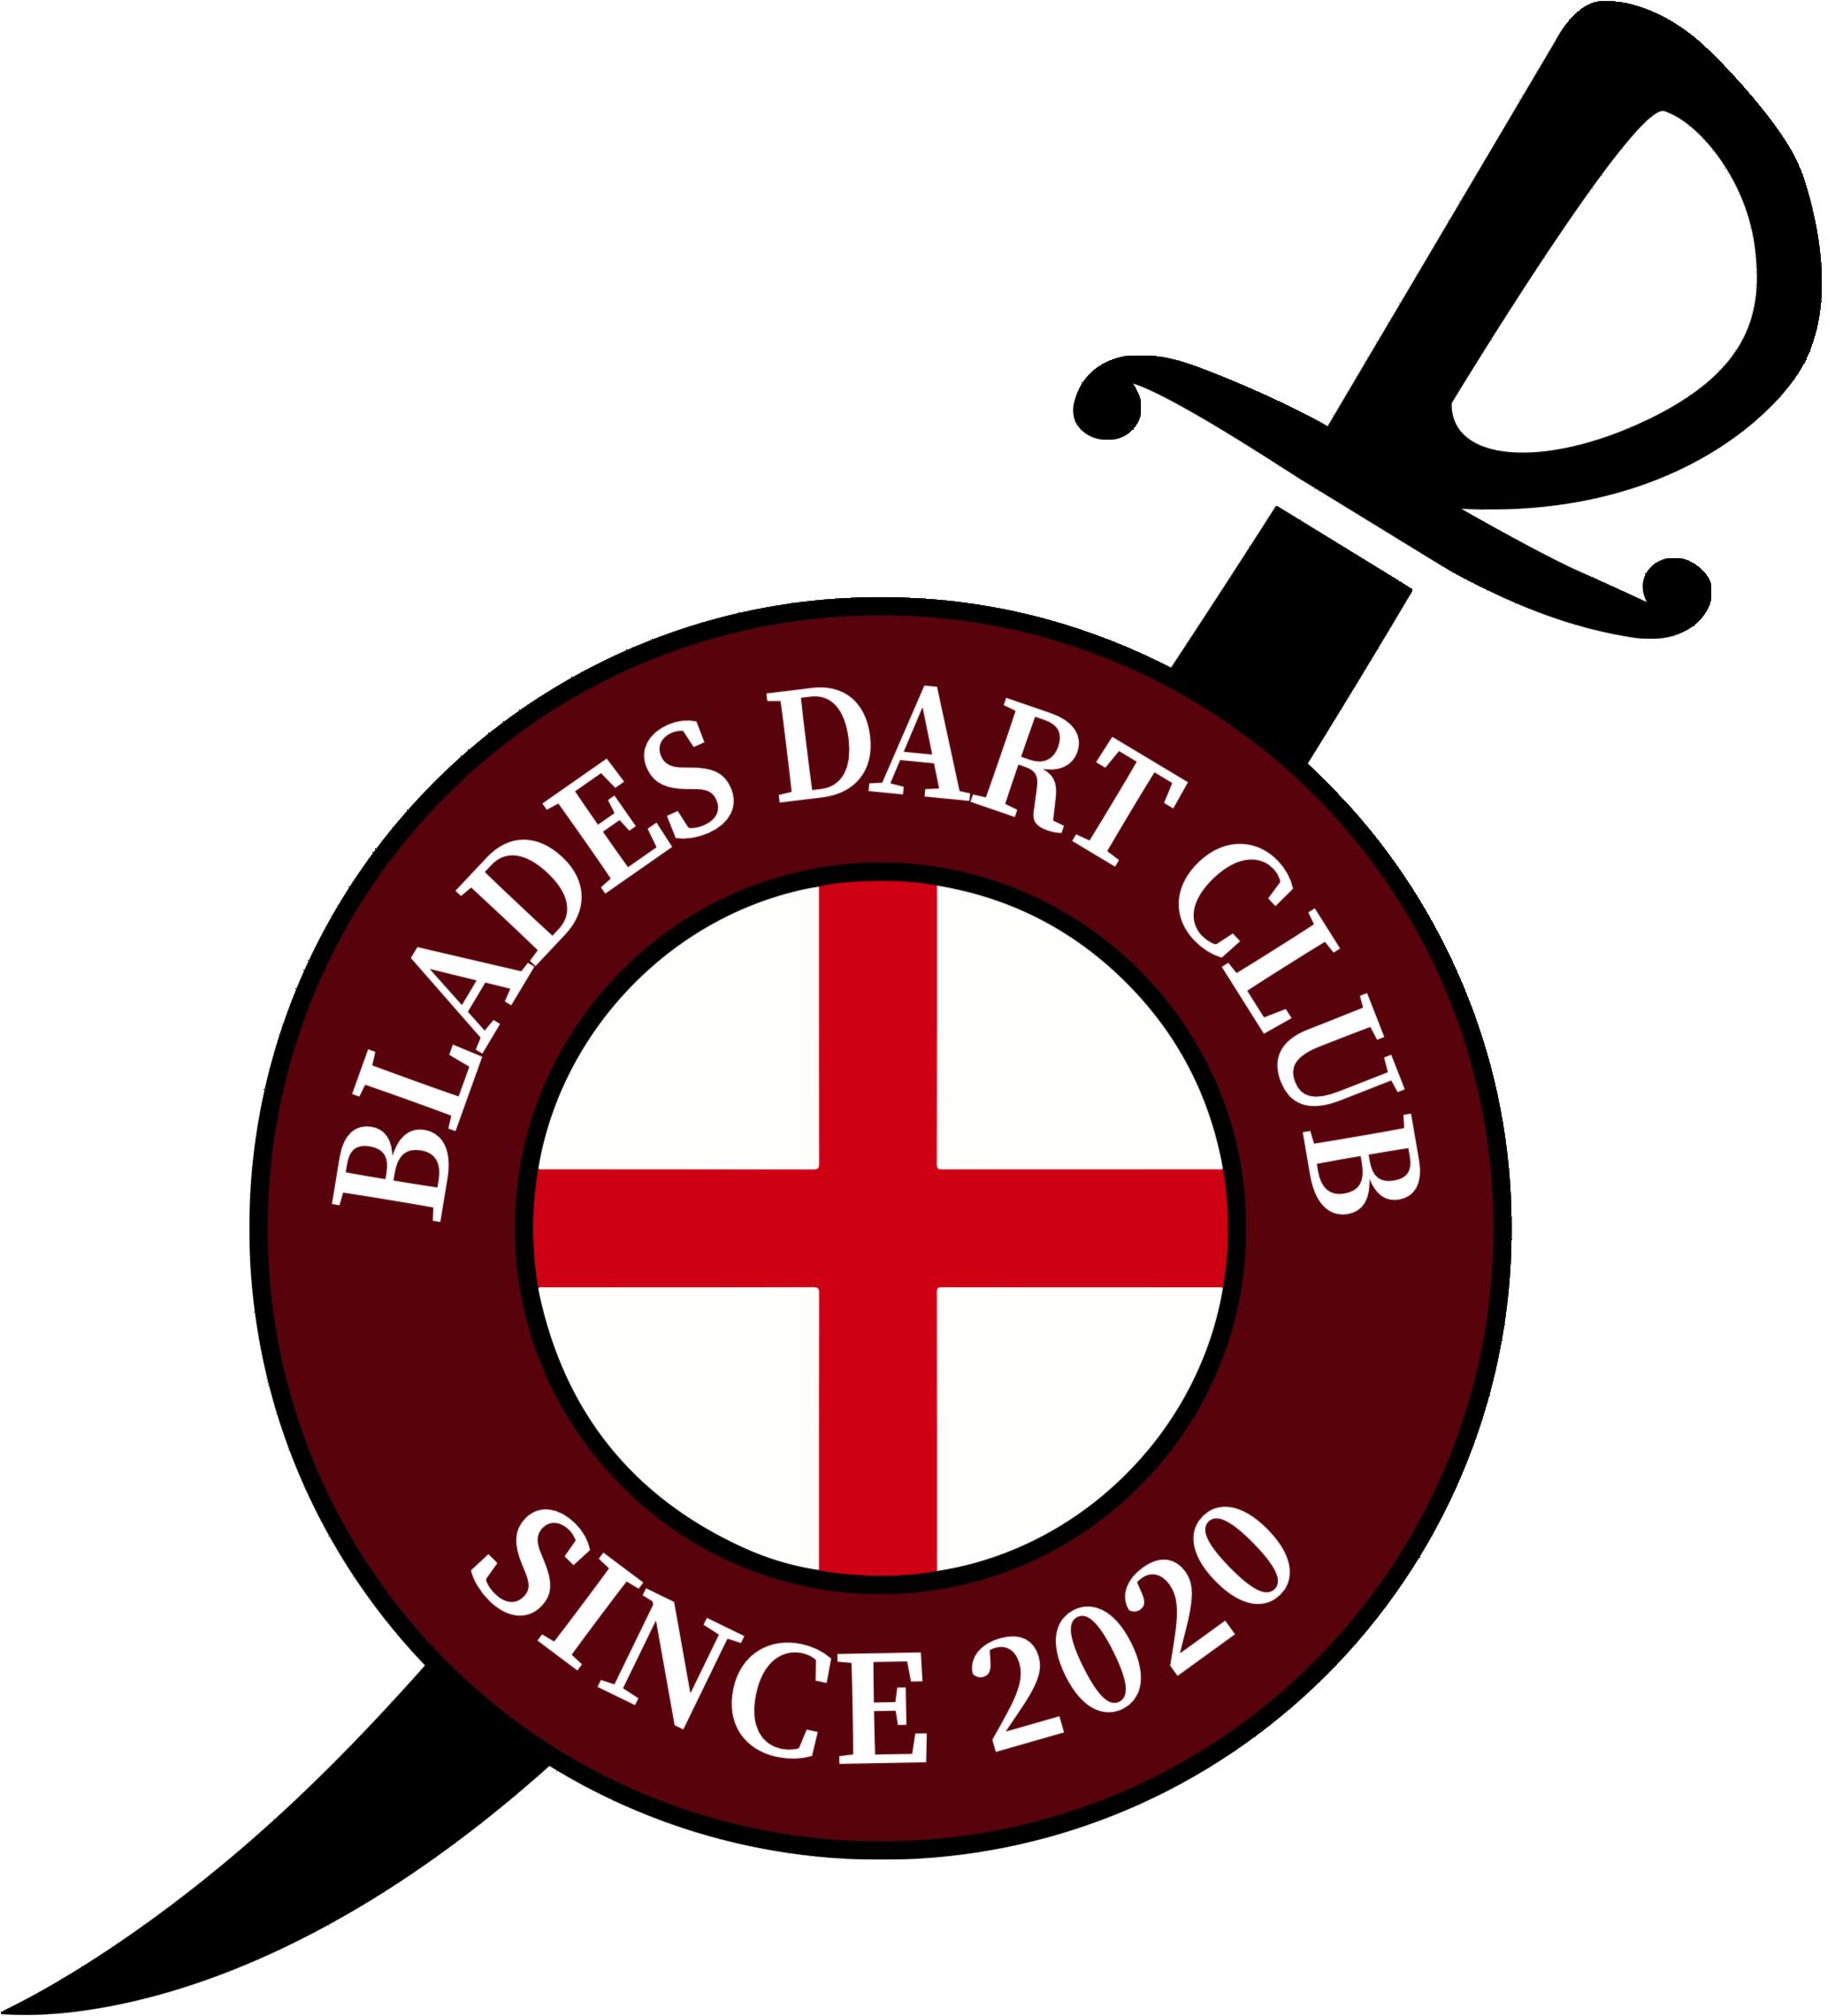 Blades Dart Club